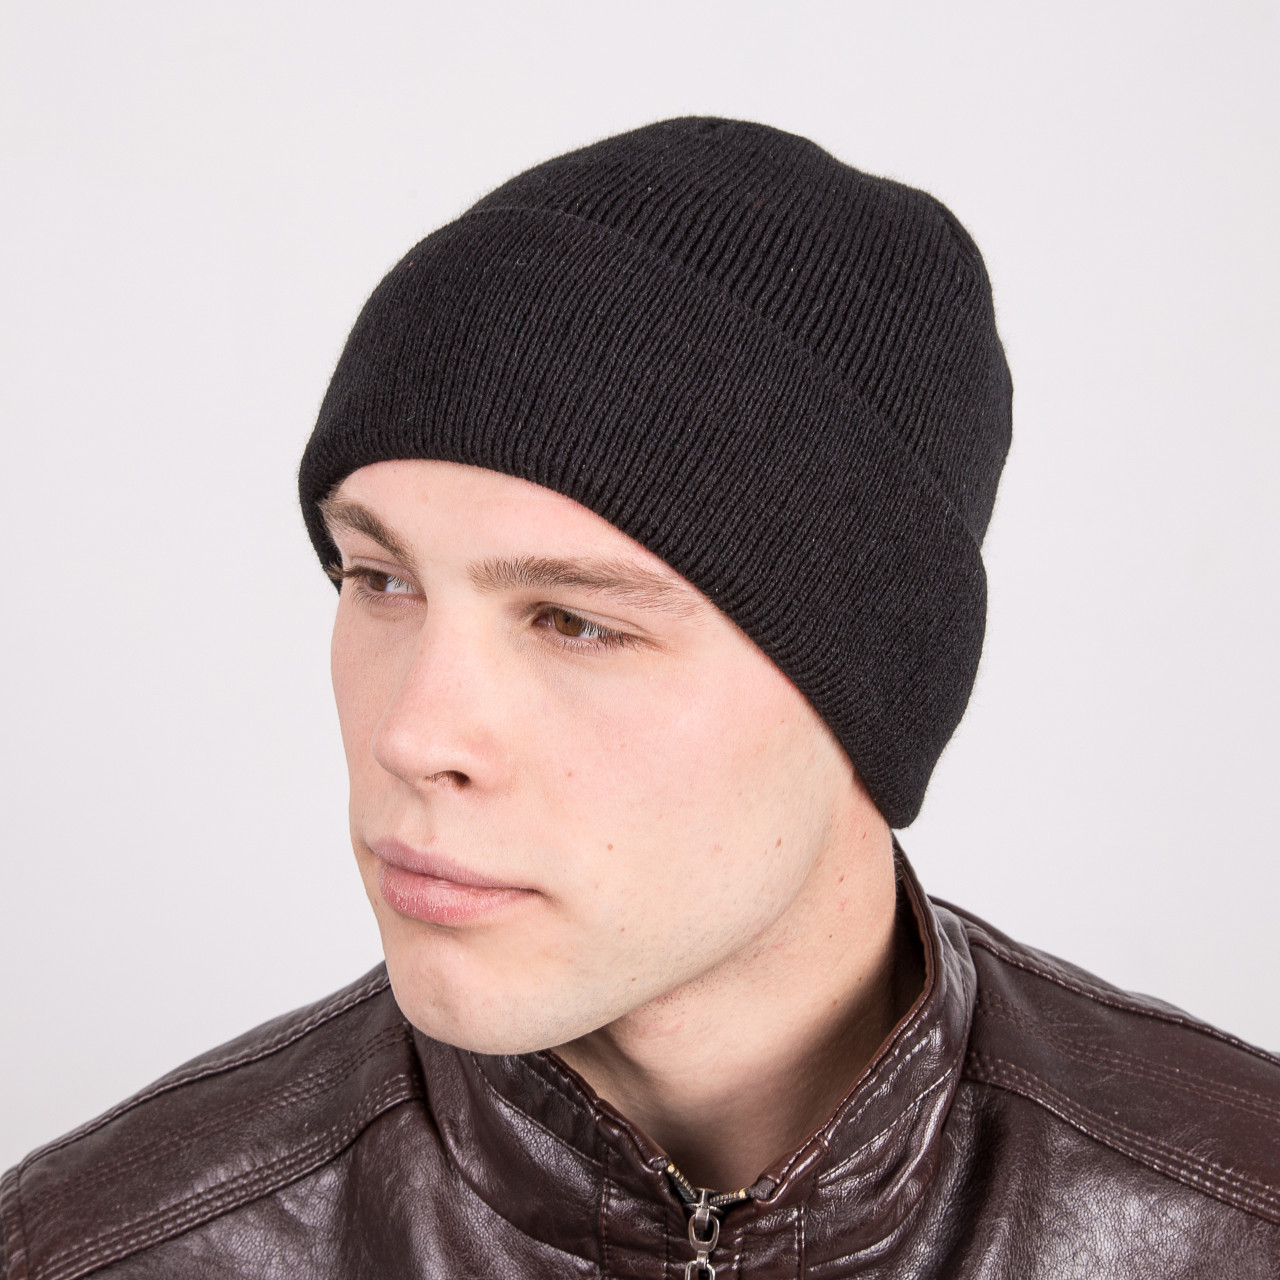 Вязаная мужская зимняя шапка  - Артикул m17